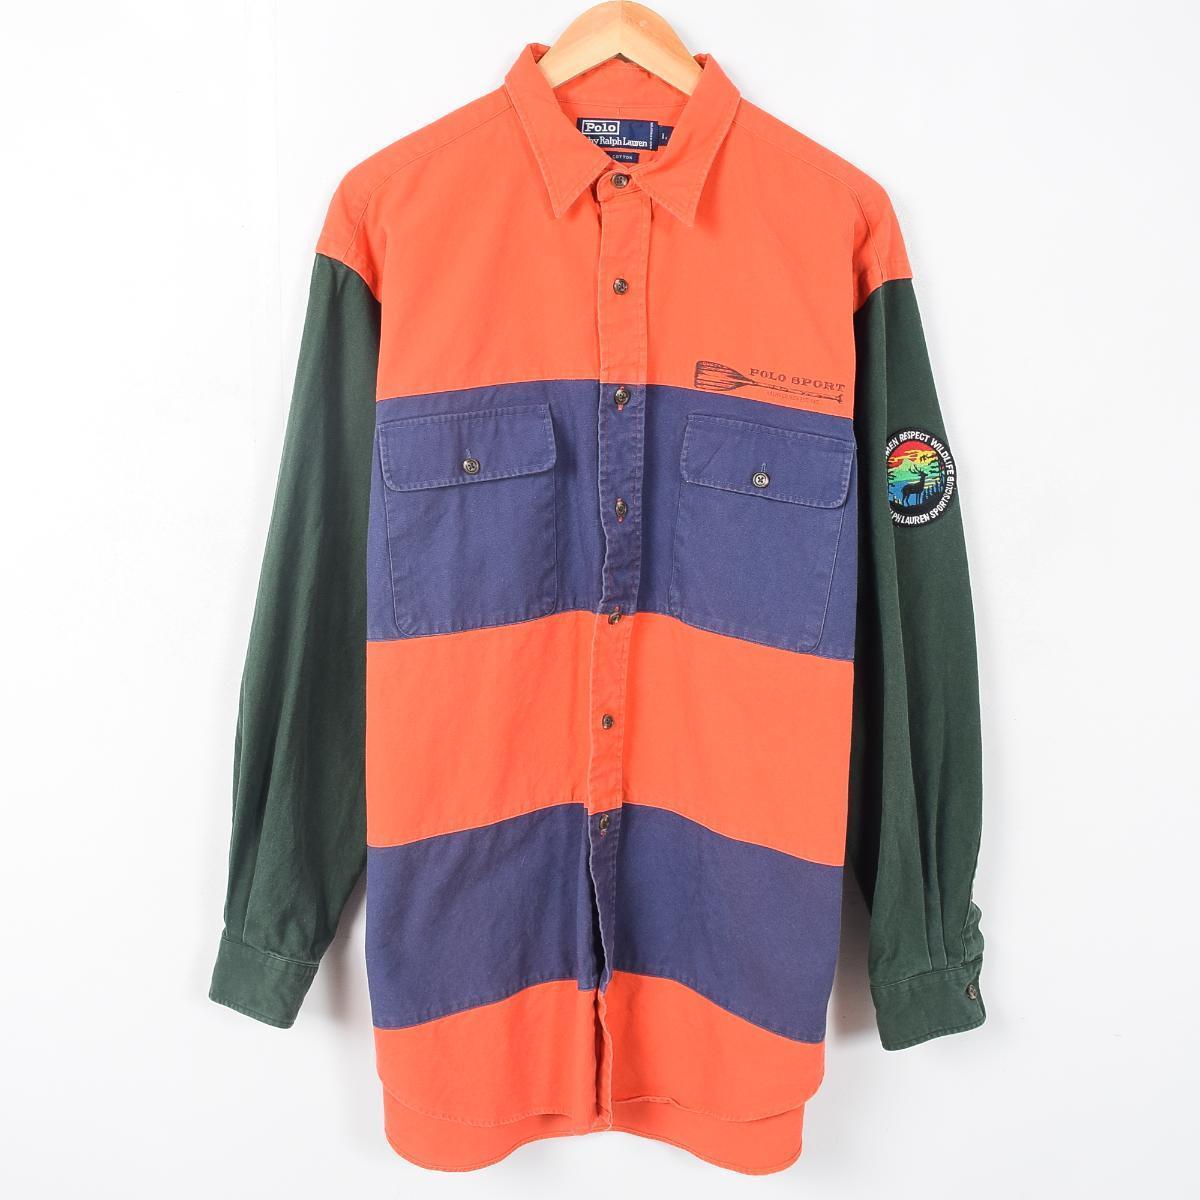 Long Sleeves Work Shirt Men XL Ralph Lauren Waa9570 In 90s Made